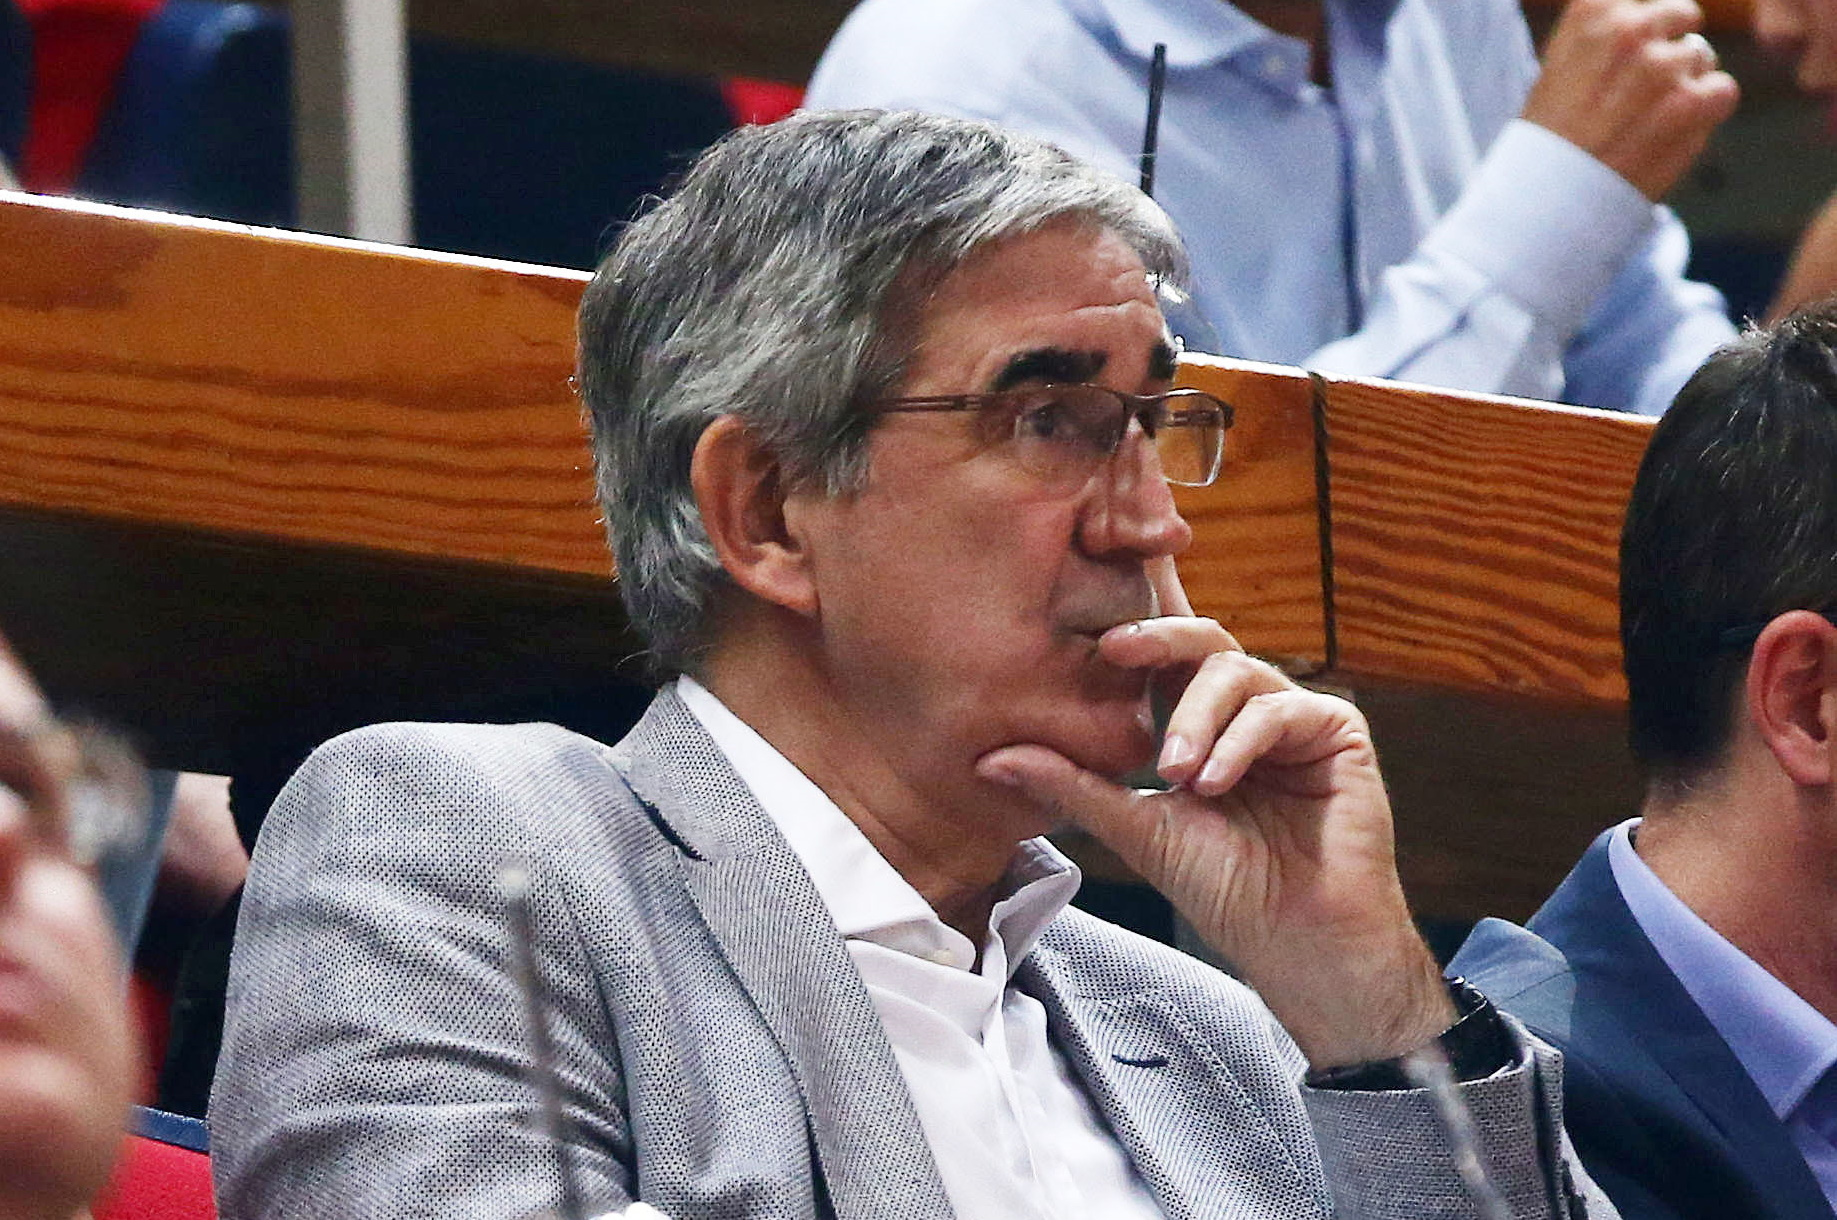 Euroleague: Εκτός Δ.Σ. ο Μπερτομέου – Η «δύναμη» στις ομάδες